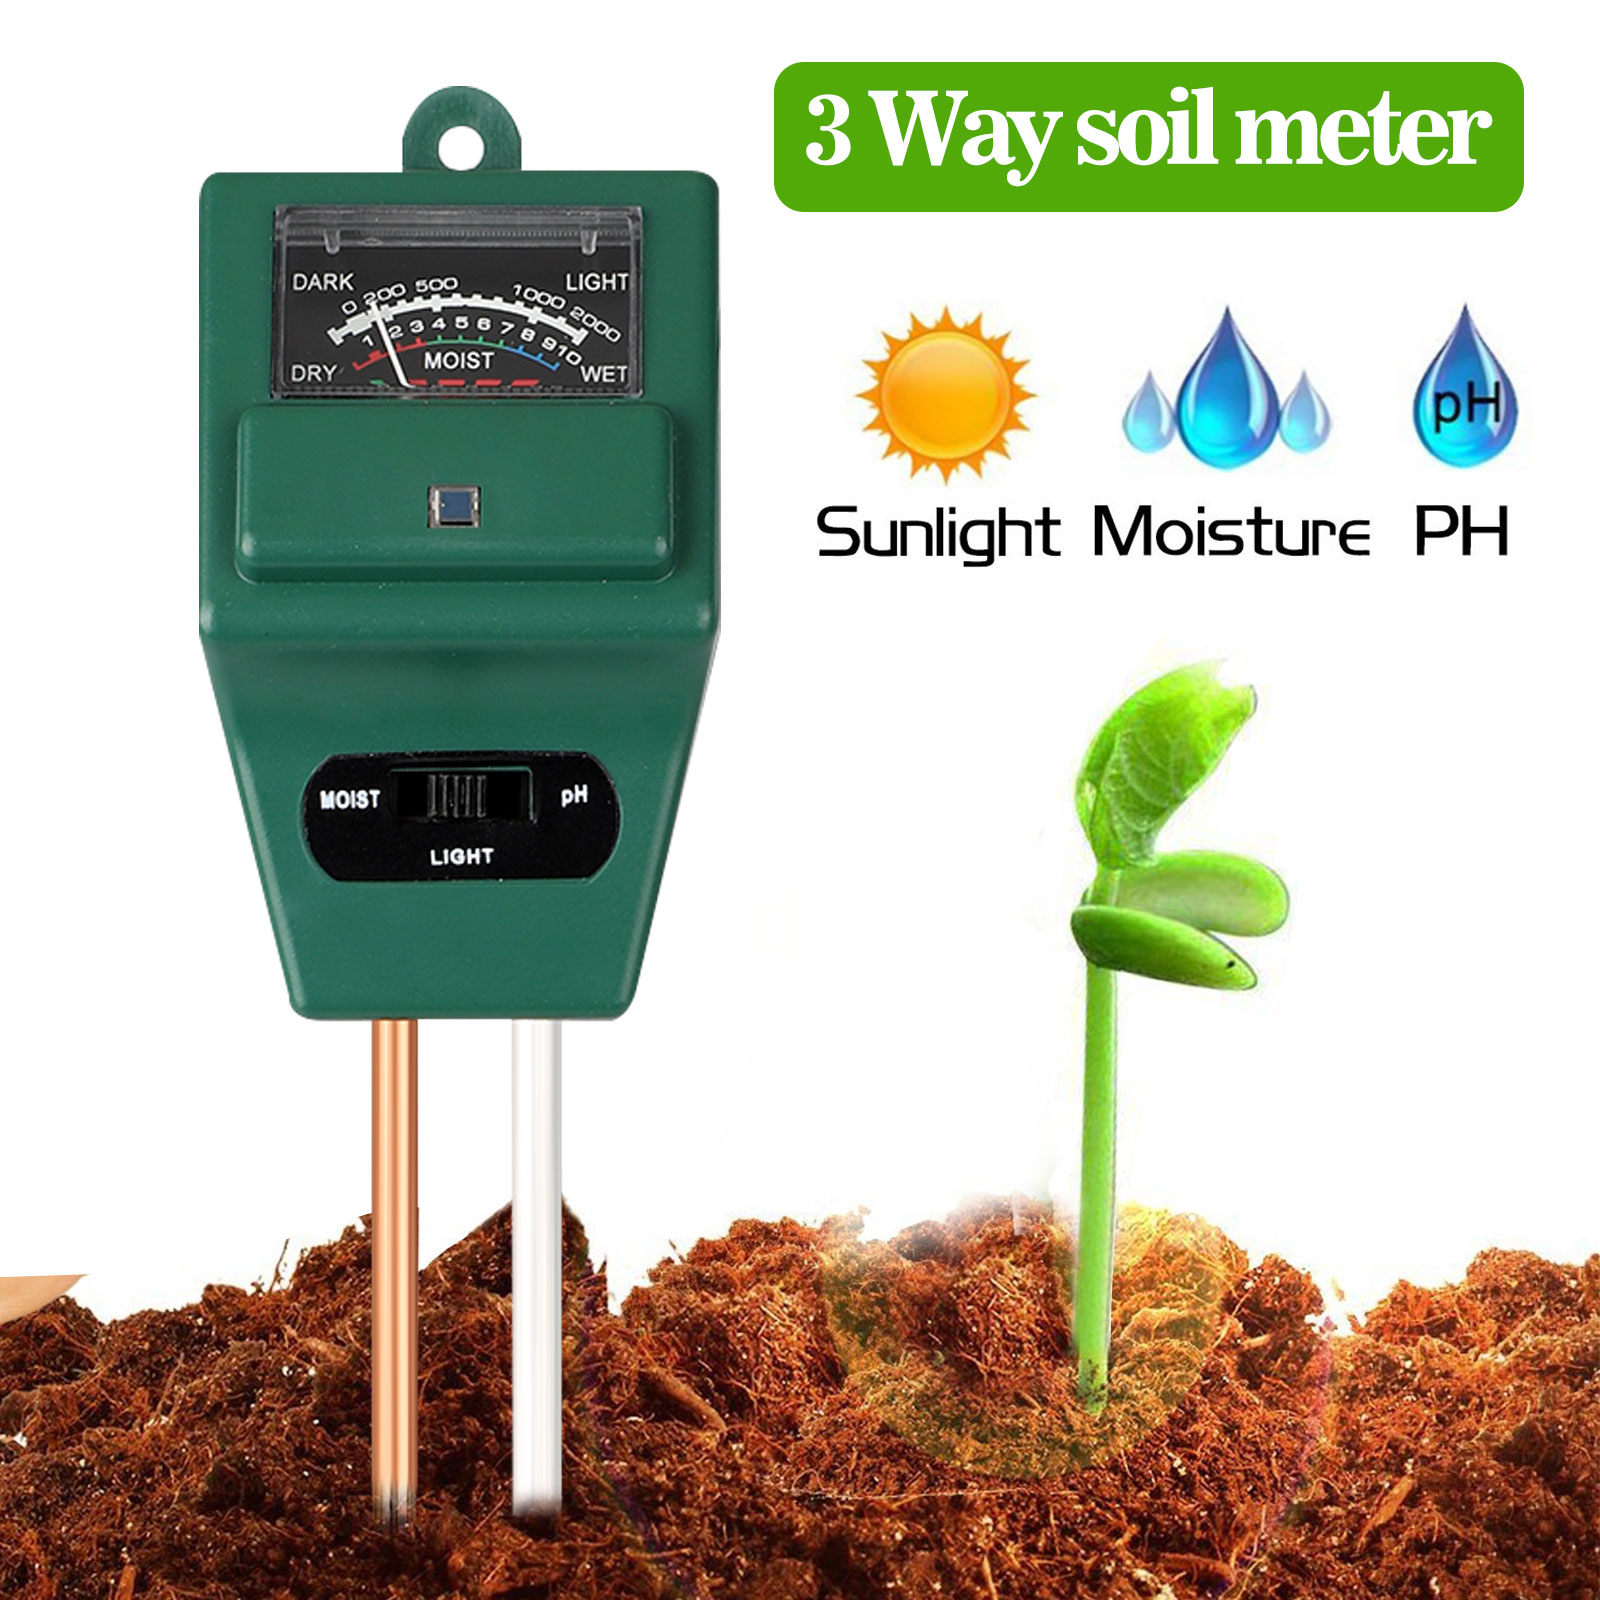 Soil PH Meter, TSV 3-in-1 Moisture Sensor Meter / Sunlight / PH Soil Tester for Home and Garden, Plants, Farm, Indoor/Outdoor Use - Walmart.com - Walmart.com